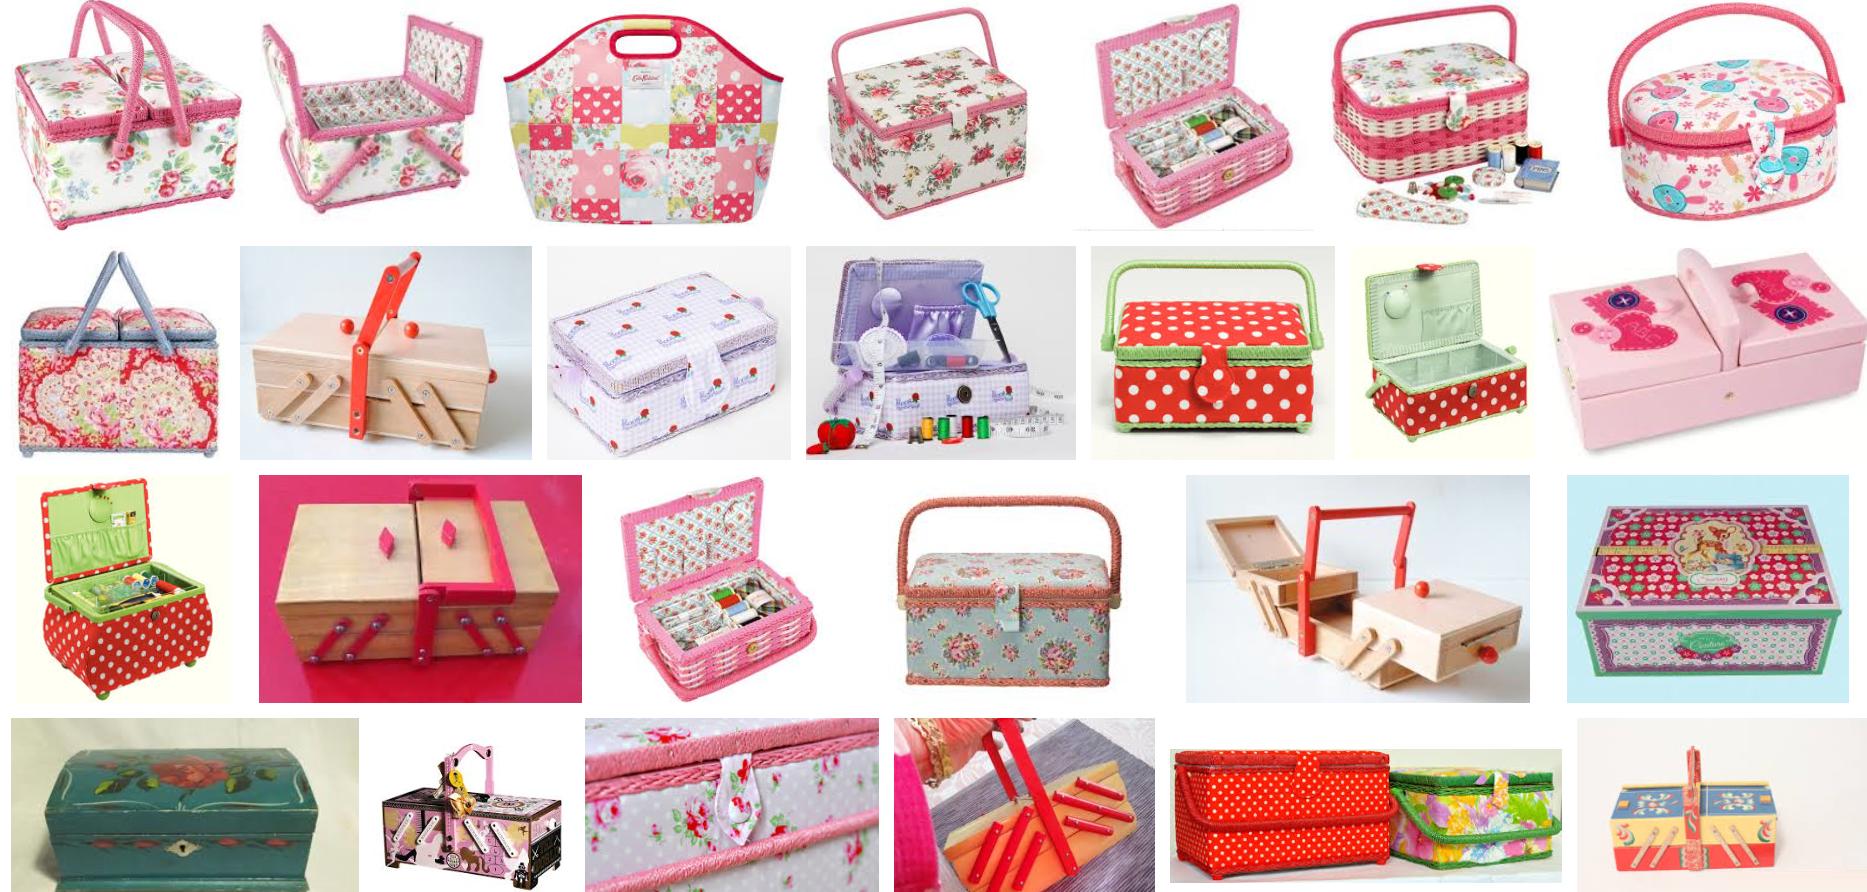 Naaidoos en naaimand is hebbeding. Een naaidoosje van naaitasje heeft iedereen wel in huis. Maar is met naald en draad werken jouw hobby, dan krijgt de